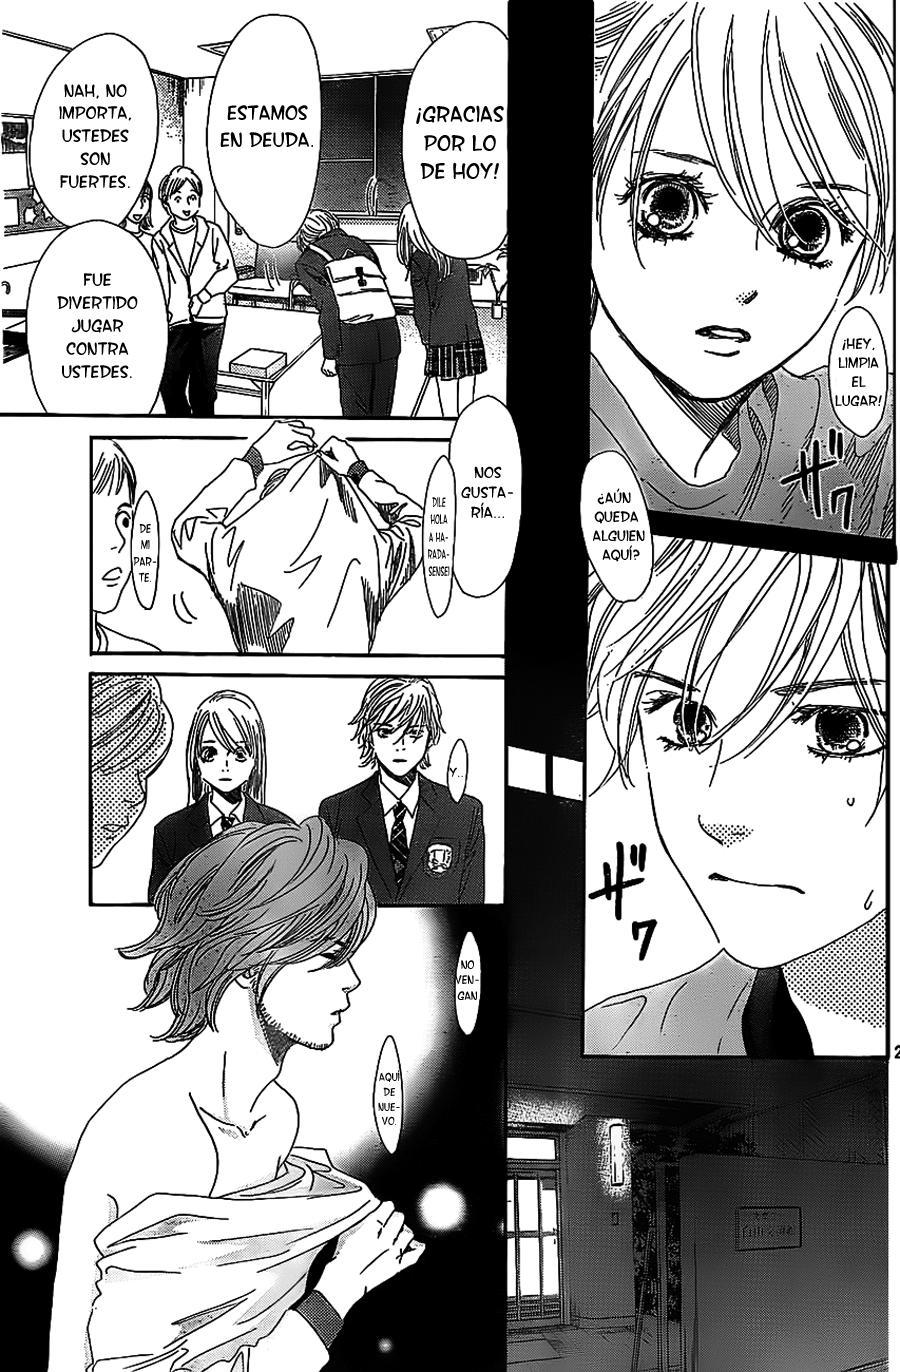 https://c5.ninemanga.com/es_manga/32/1824/444173/f2428770f72f91a1ad2ffd1bf230e731.jpg Page 26